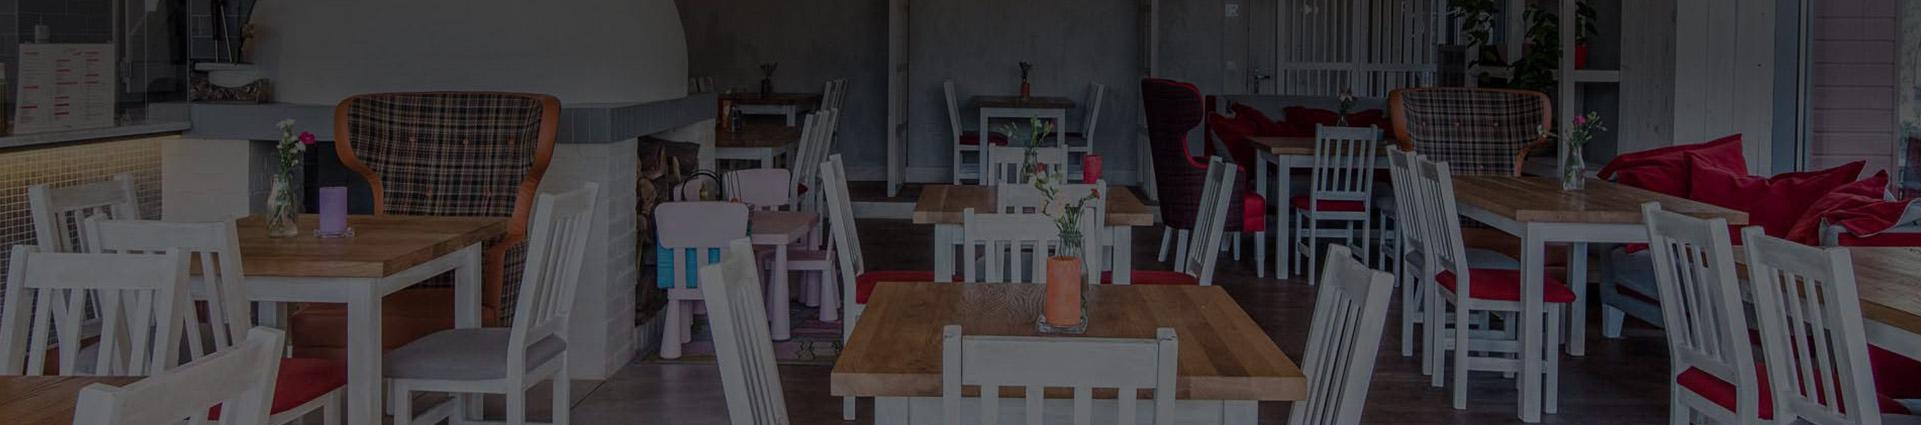 Stoliki w restauracji Peperino